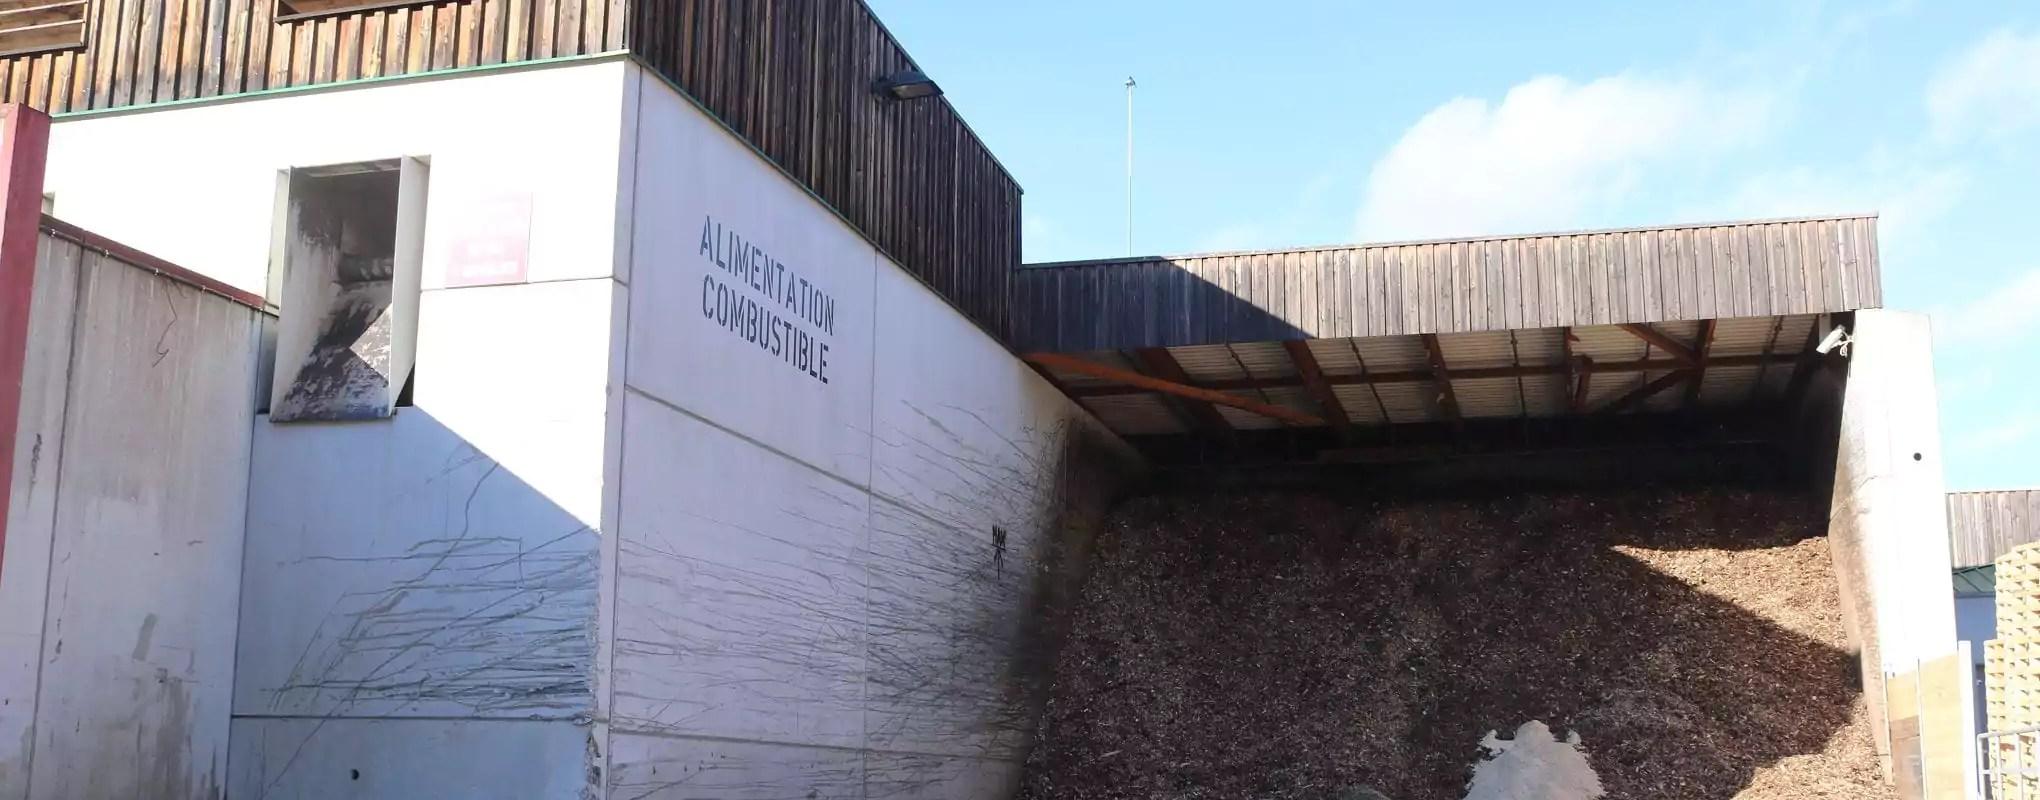 À Urmatt, la scierie SIAT pionnière d'une industrie écolo